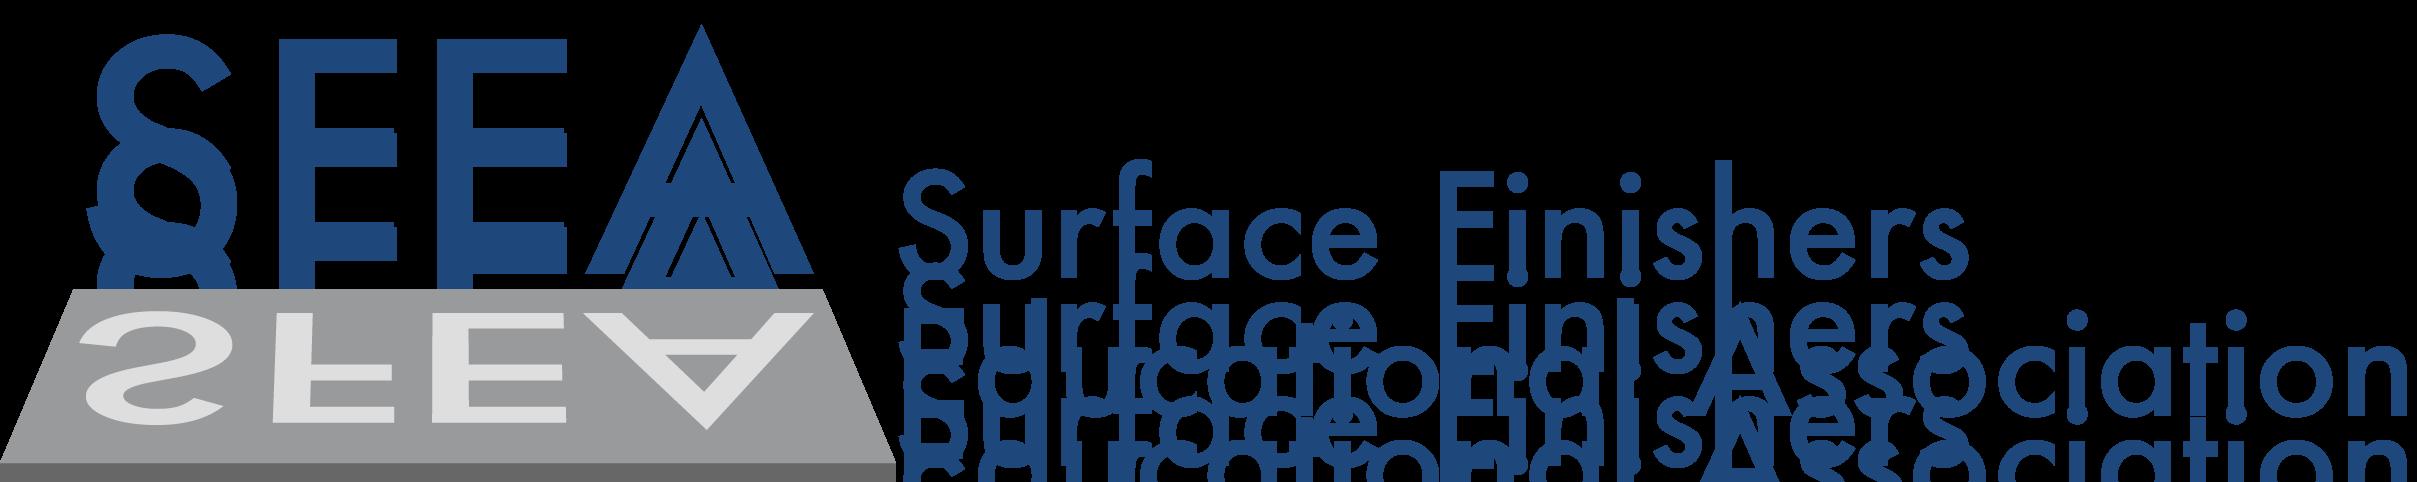 SFEA logo